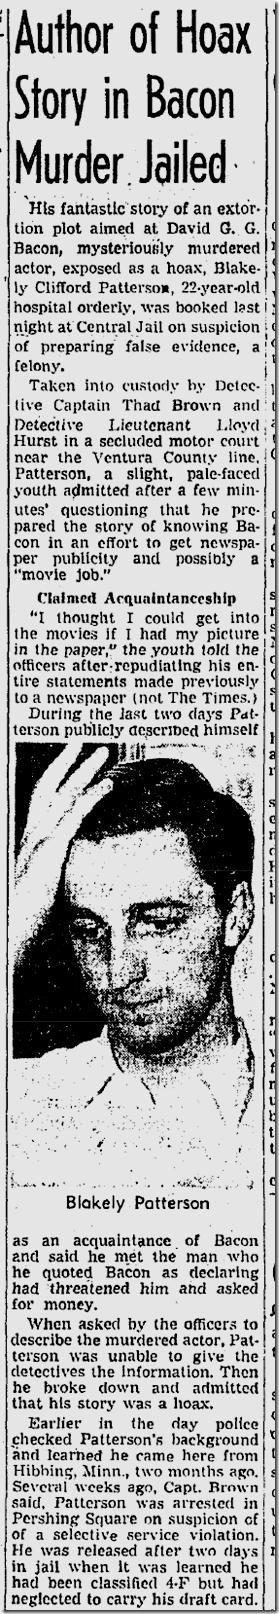 Sept. 21, 1943, Bacon Hoax